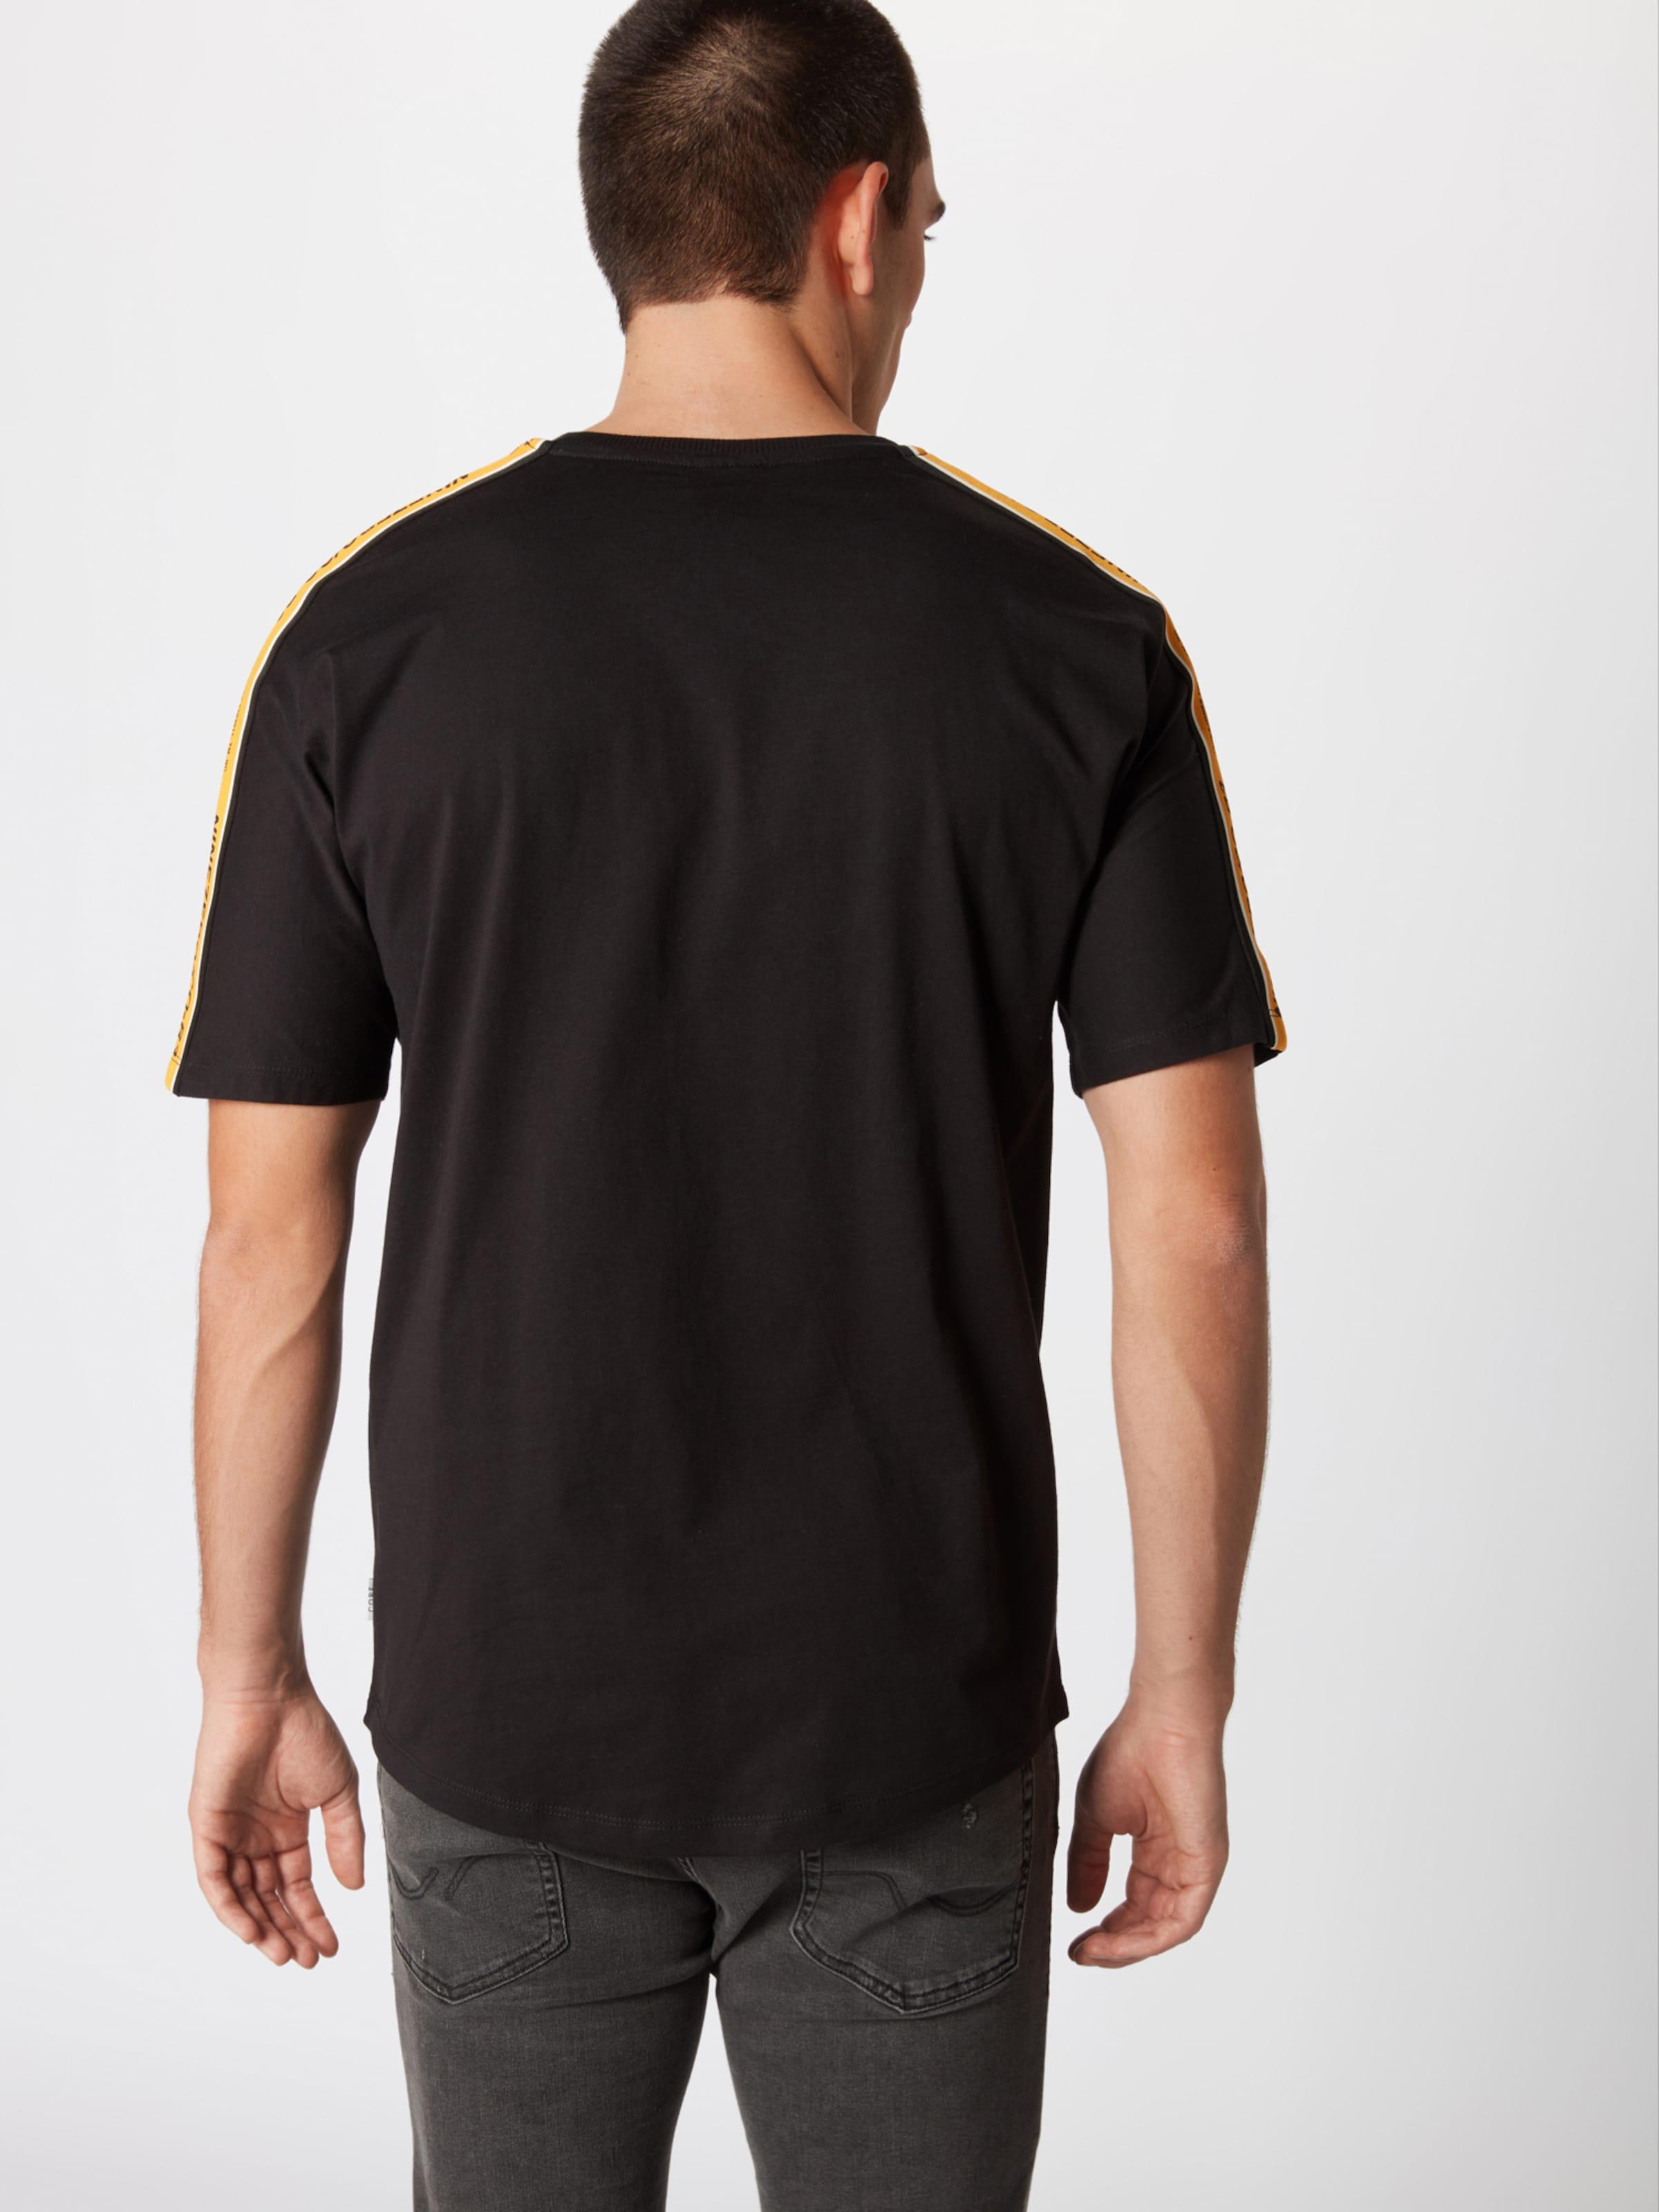 'tape' Jones Jackamp; SafranSchwarz Shirt In 8nv0wmNO